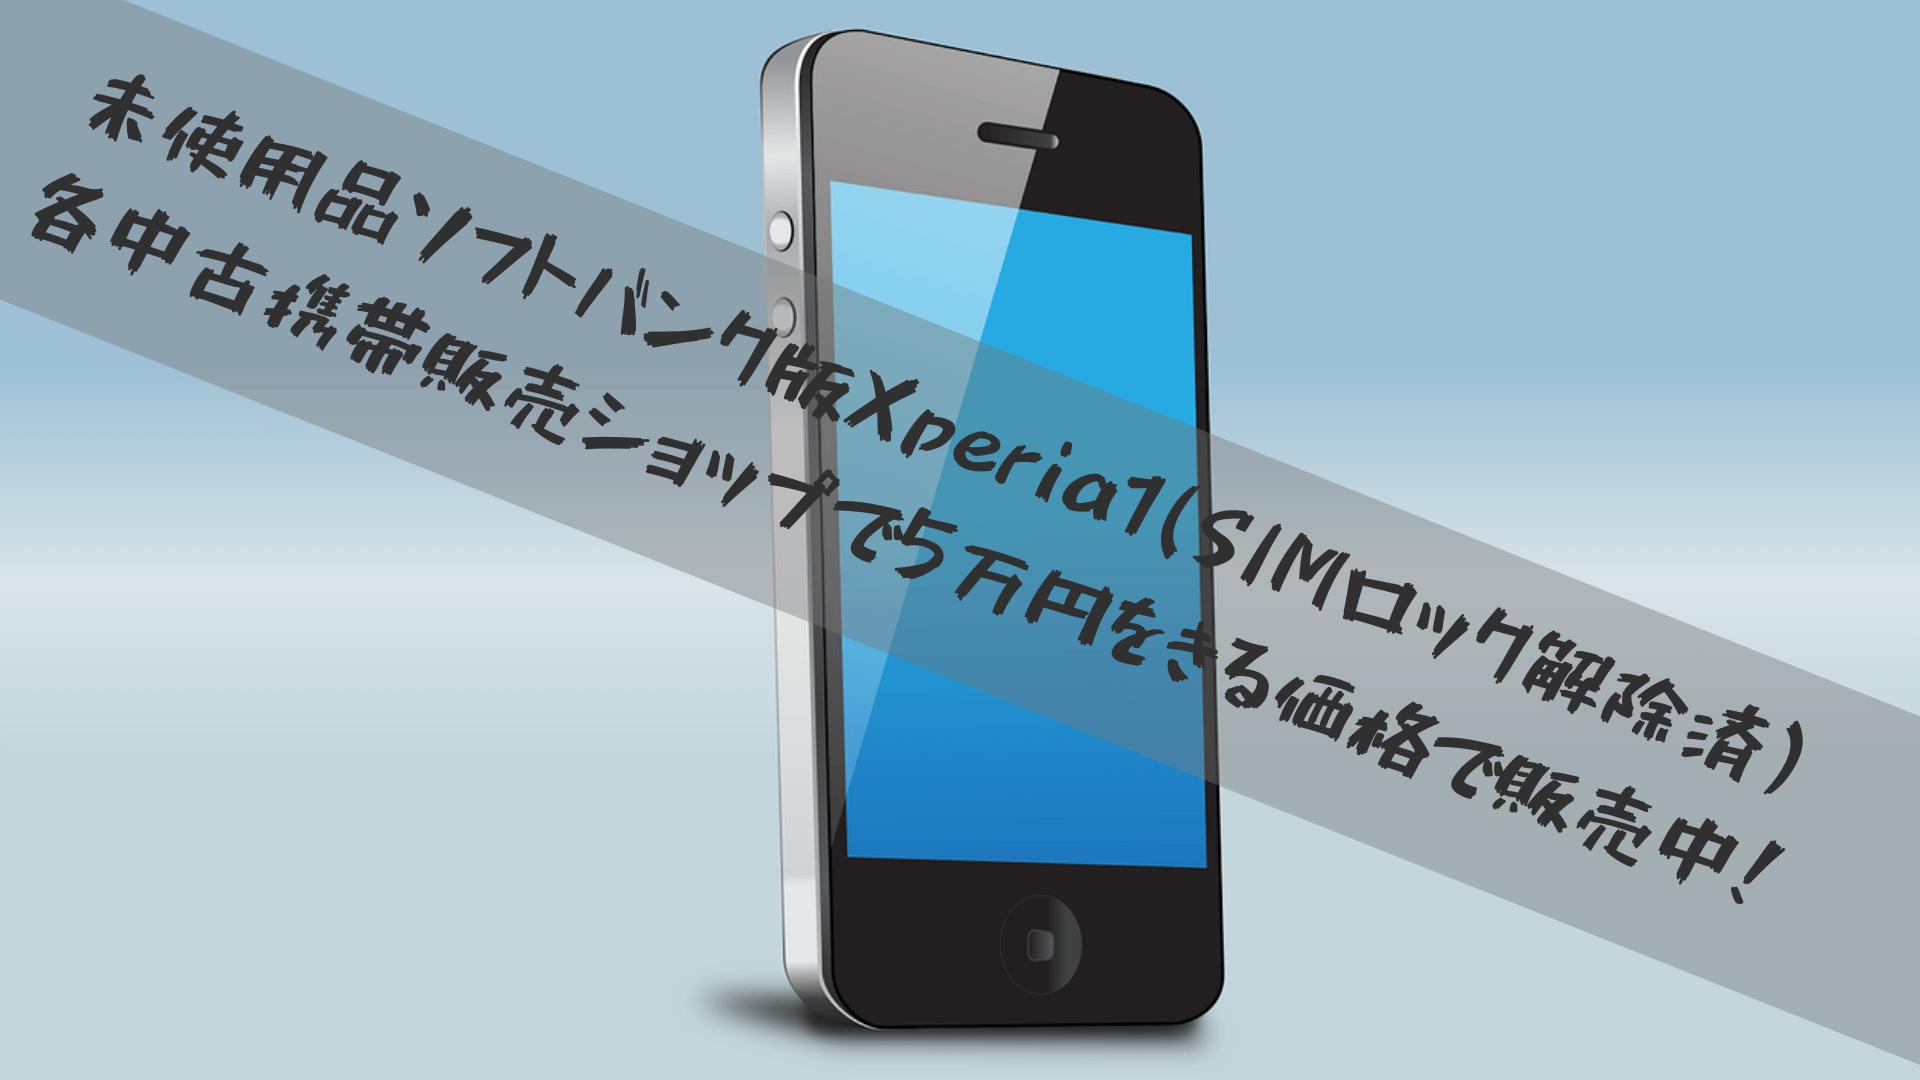 未使用品ソフトバンク版Xperia1(SIMロック解除済)各中古携帯販売ショップで5万円をきる価格で販売中!